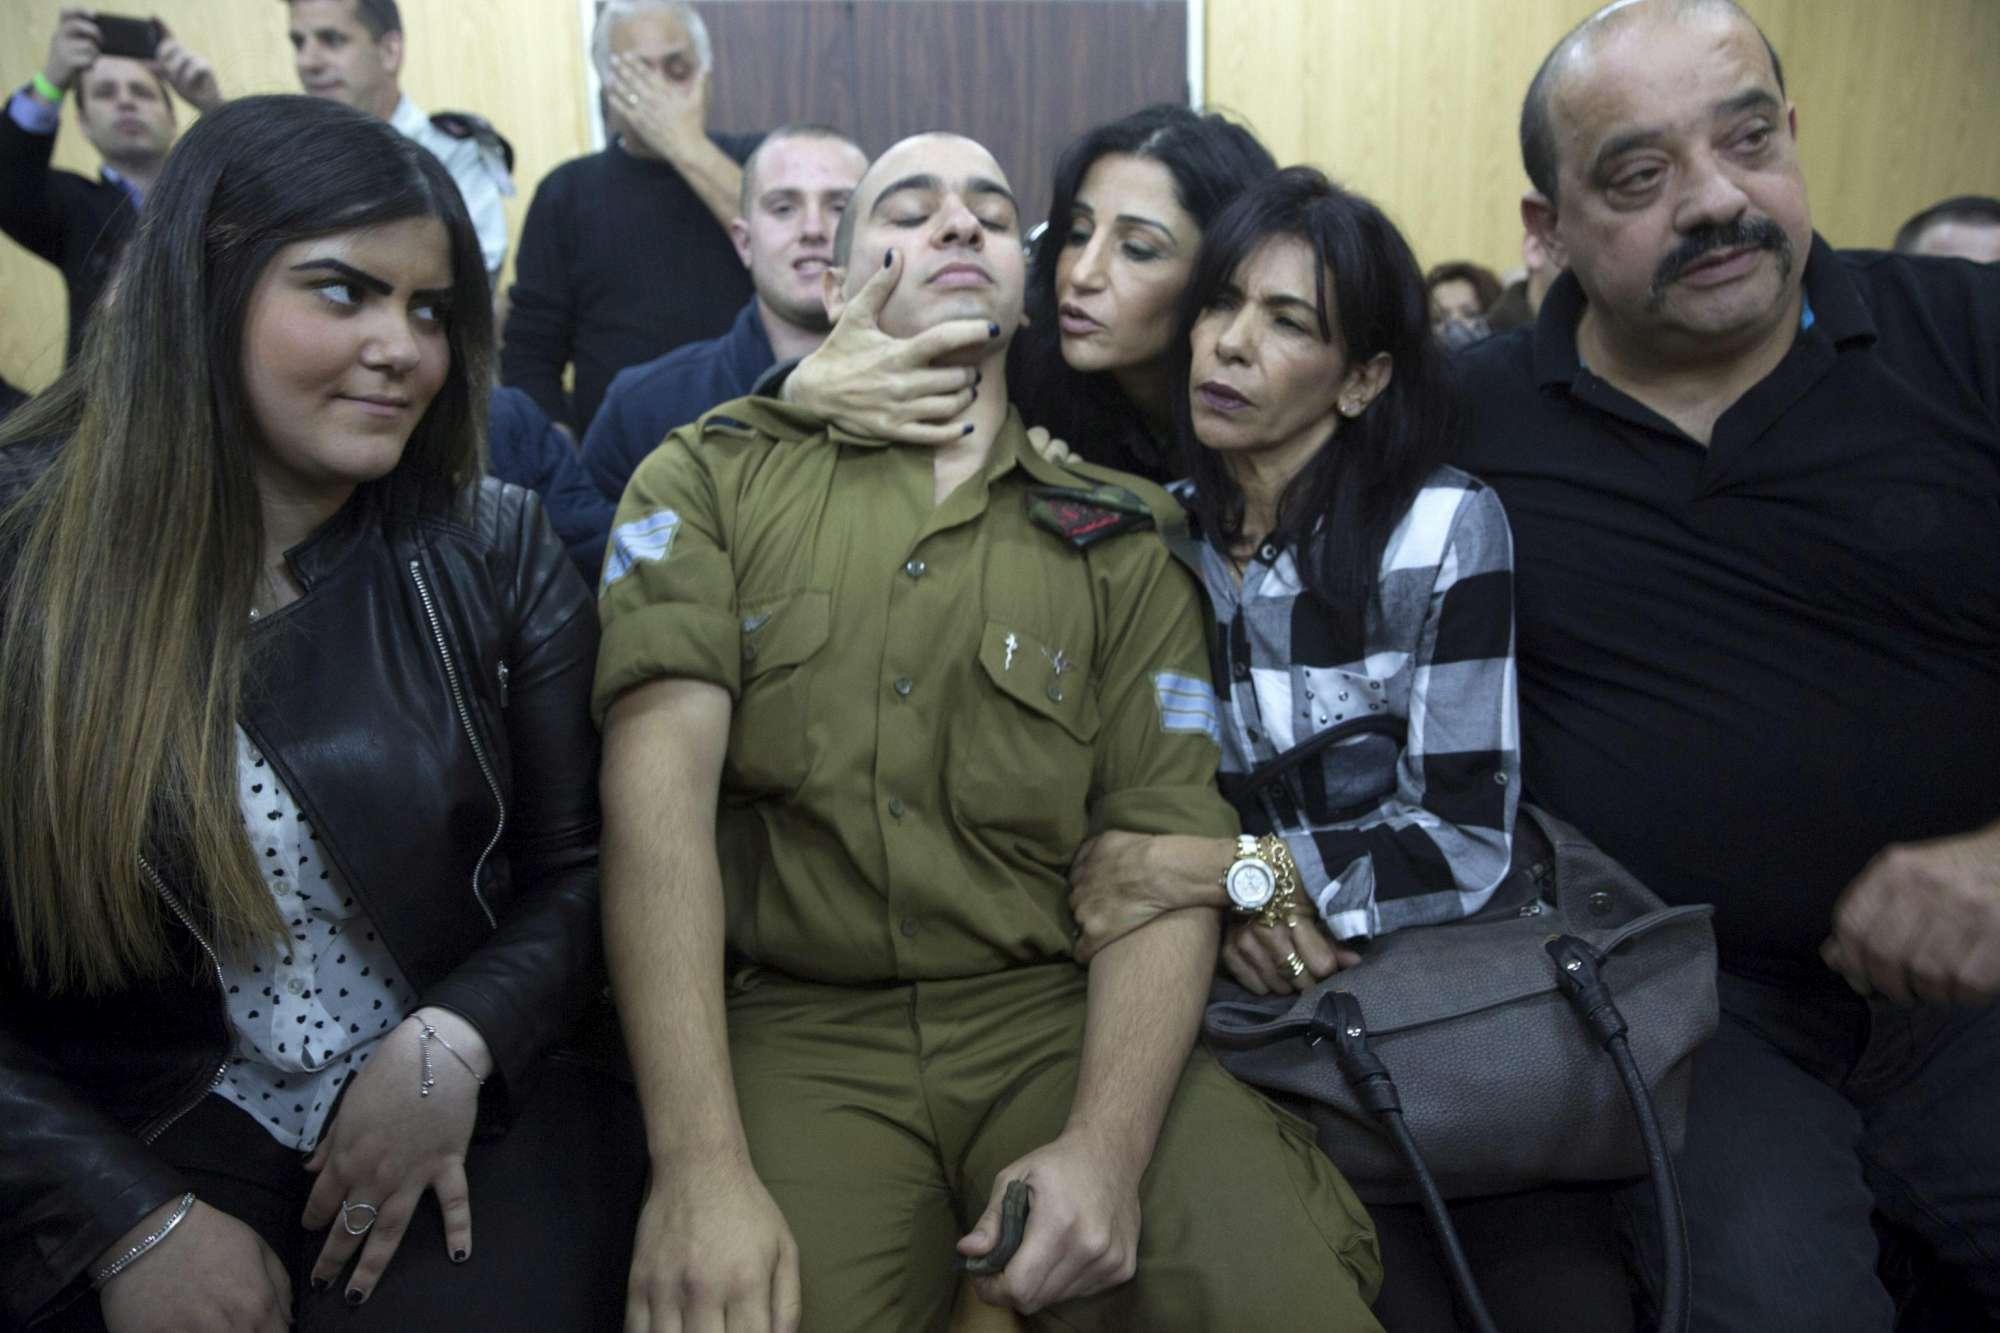 Israele: soldato condannato per aver ucciso un palestinese inerme. E' polemica